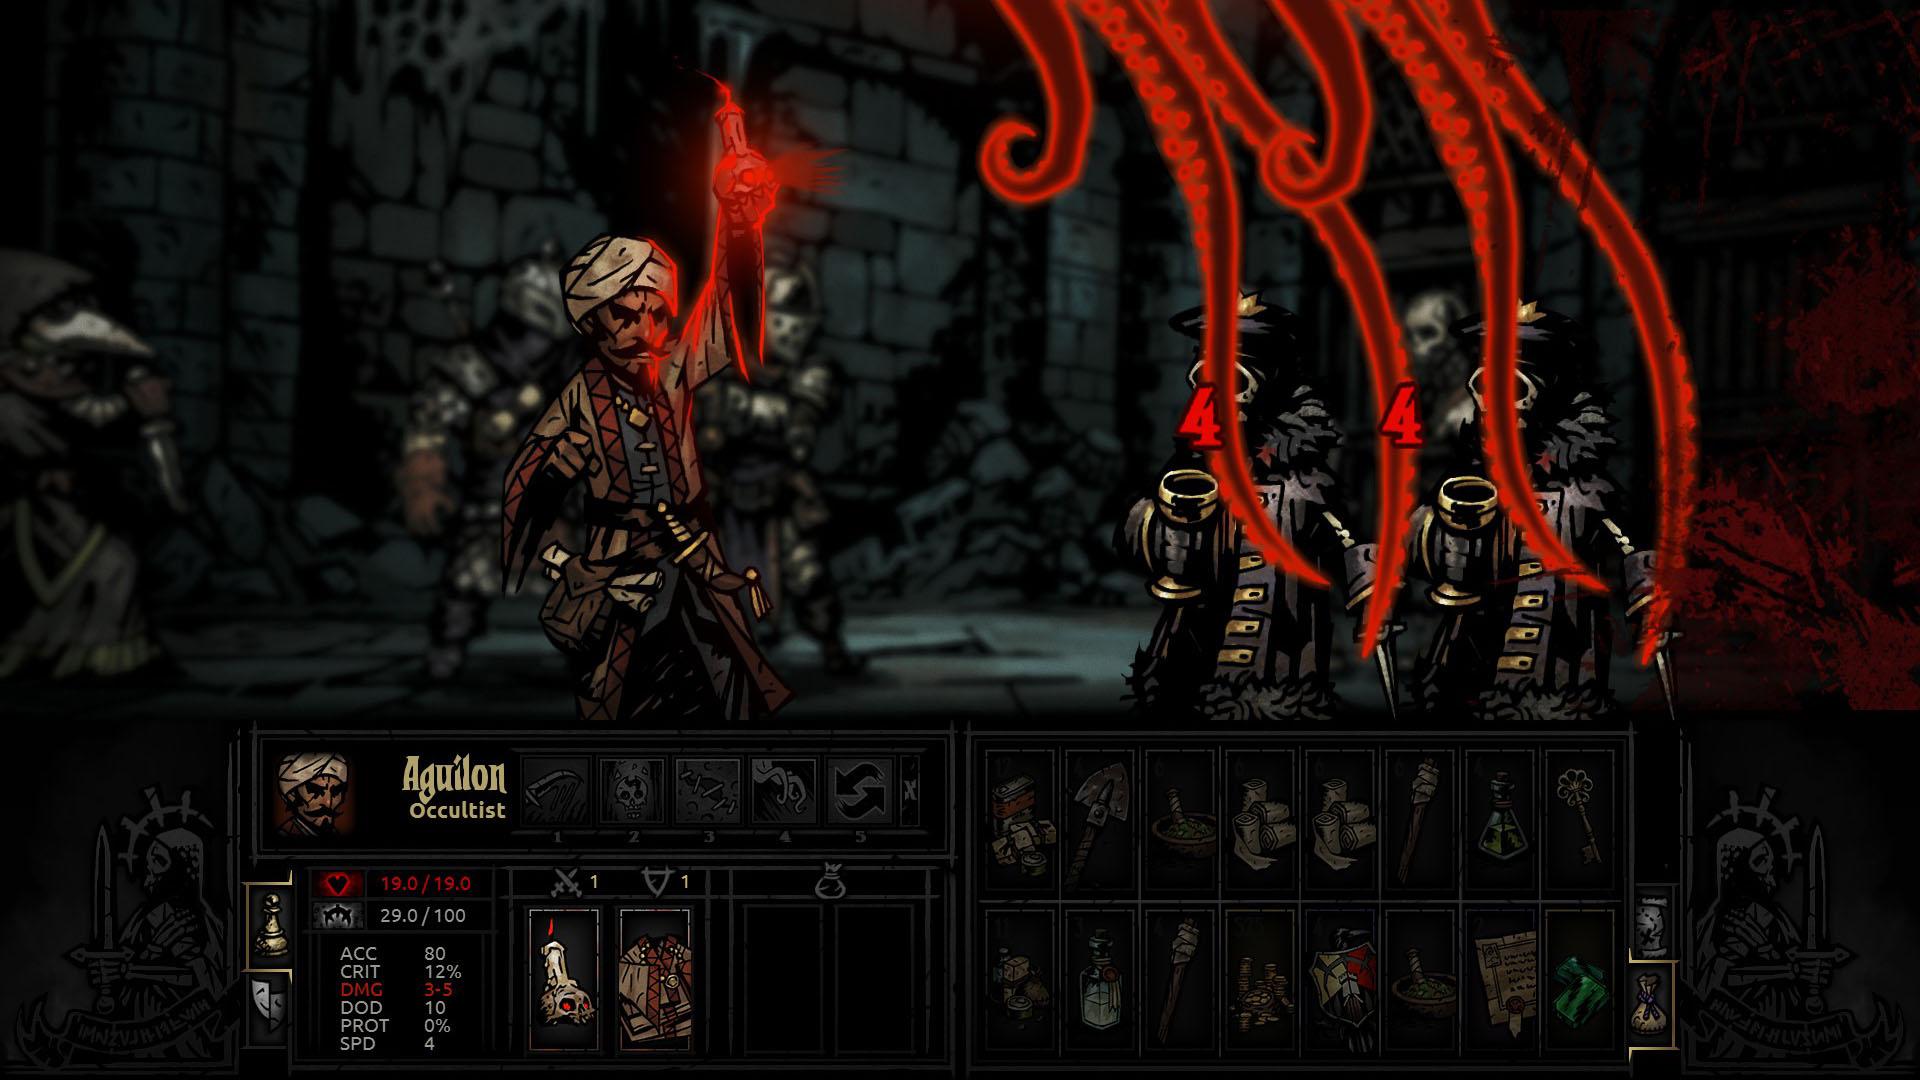 Darkest Dungeon: Occultist Wallpapers hd